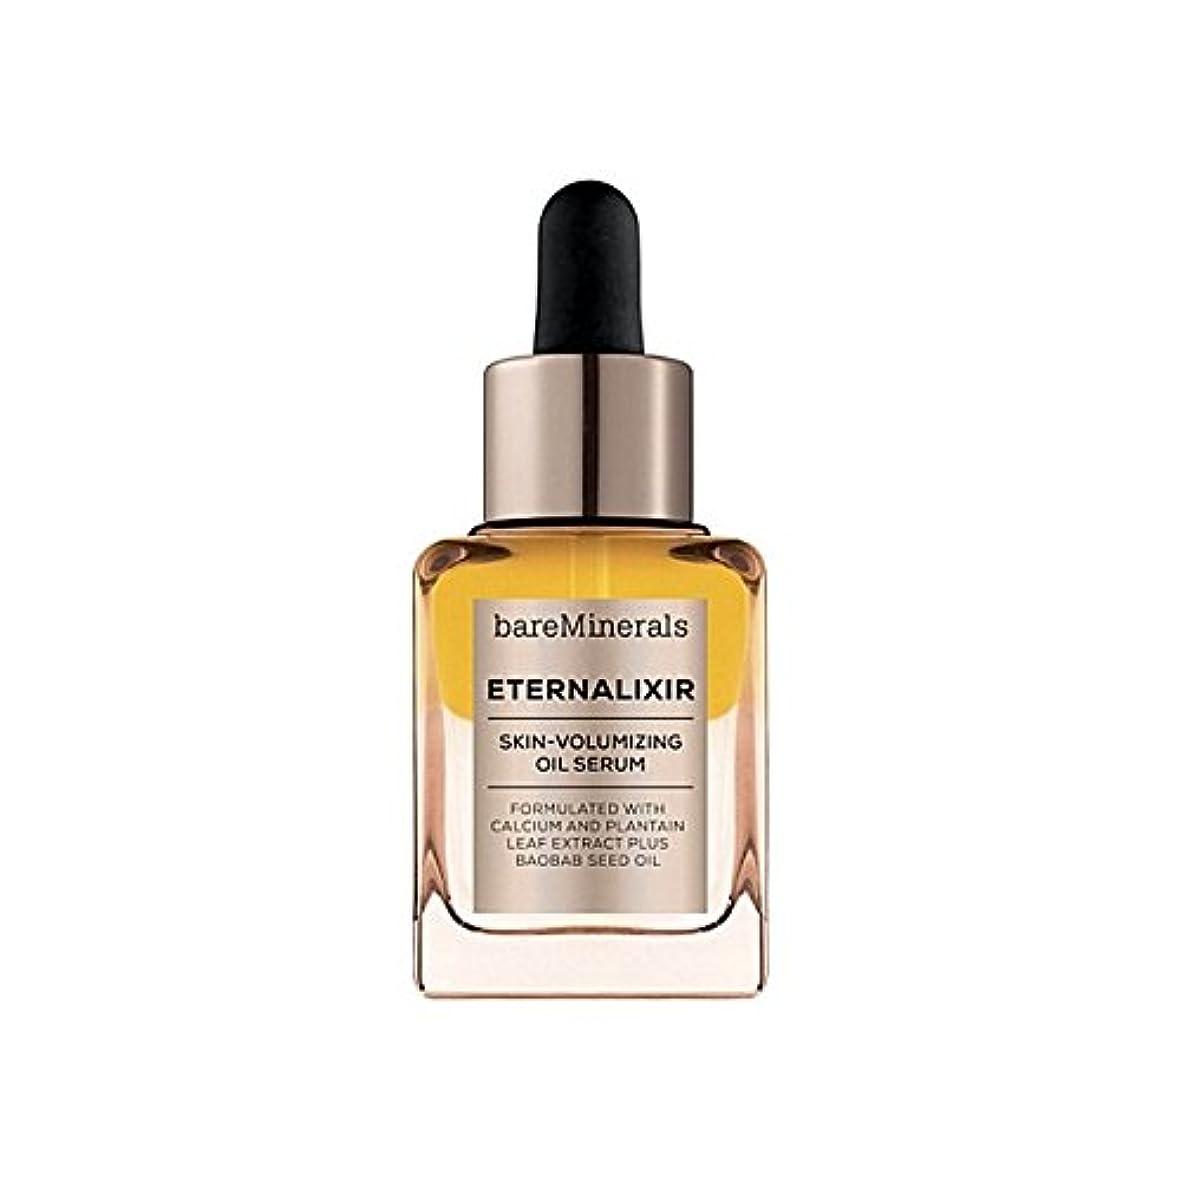 リーン口実キーベアミネラル皮膚オイルセラム30 x2 - Bare Minerals Externalixir Skin Volumising Oil Serum 30Ml (Pack of 2) [並行輸入品]